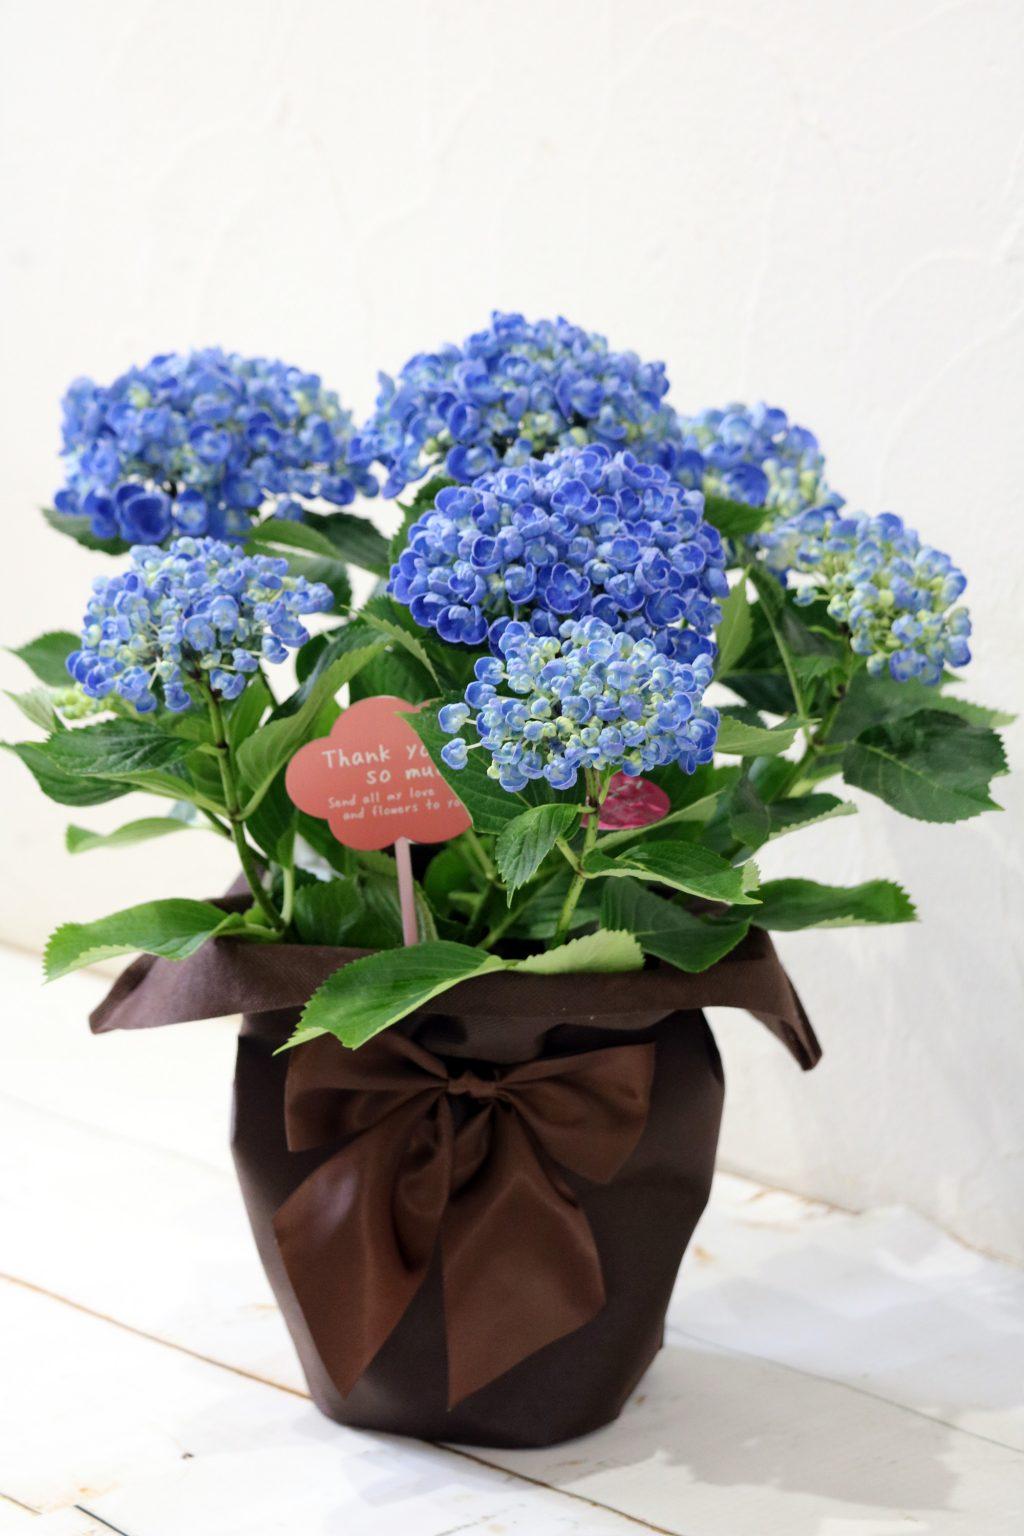 母の日 花鉢 アジサイ ポップコーンブルー